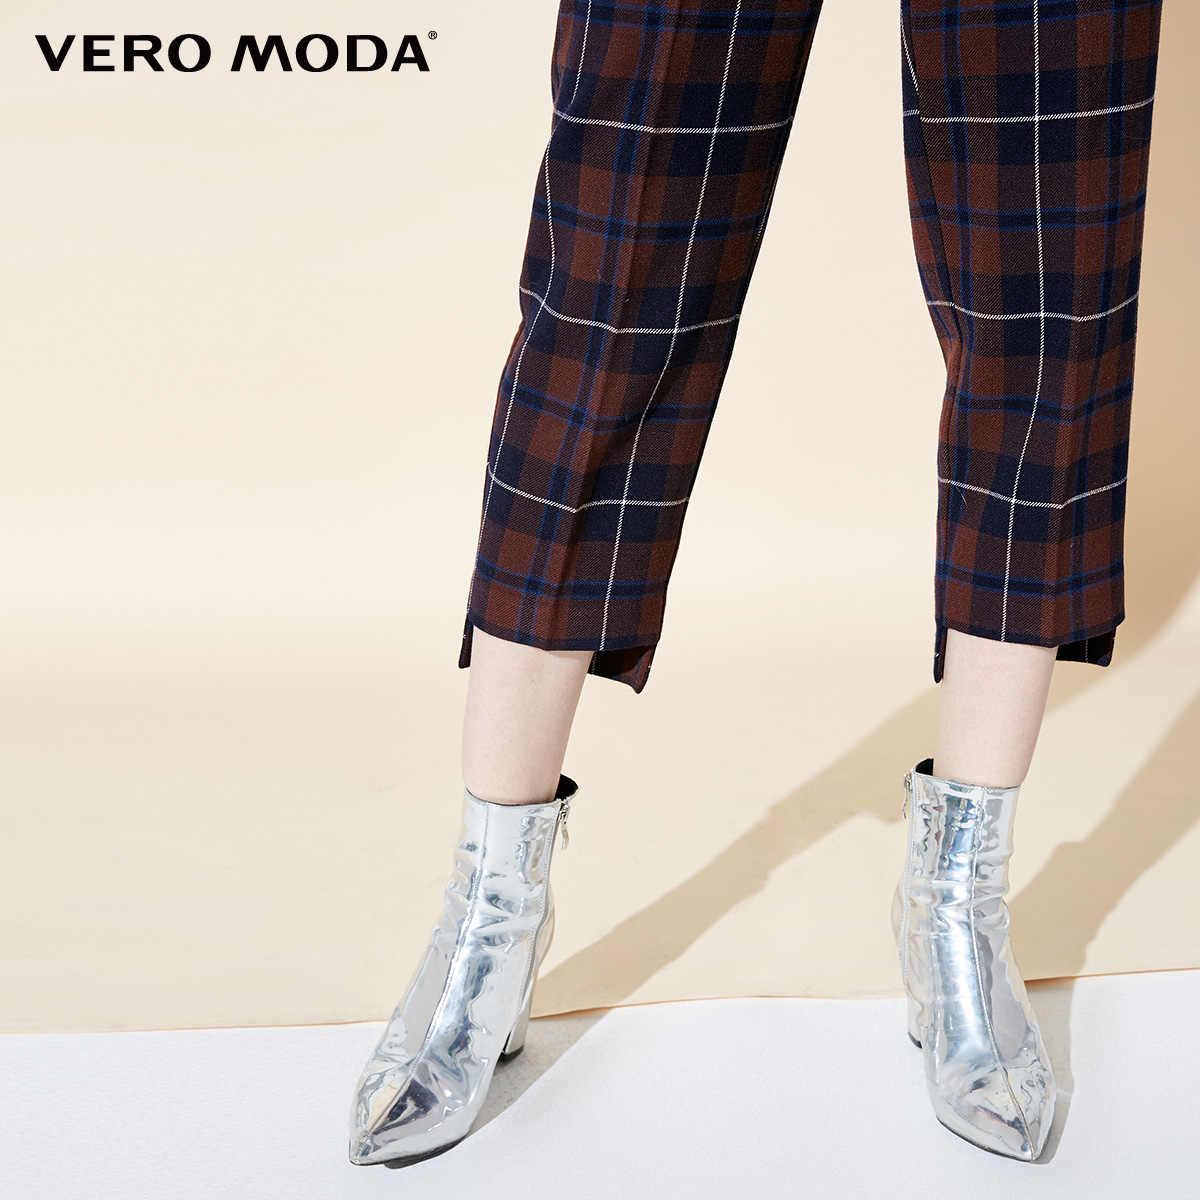 Vero Moda 2019 Новое поступление брюки женские Женские клетчатые широкие повседневные Капри   31846J523